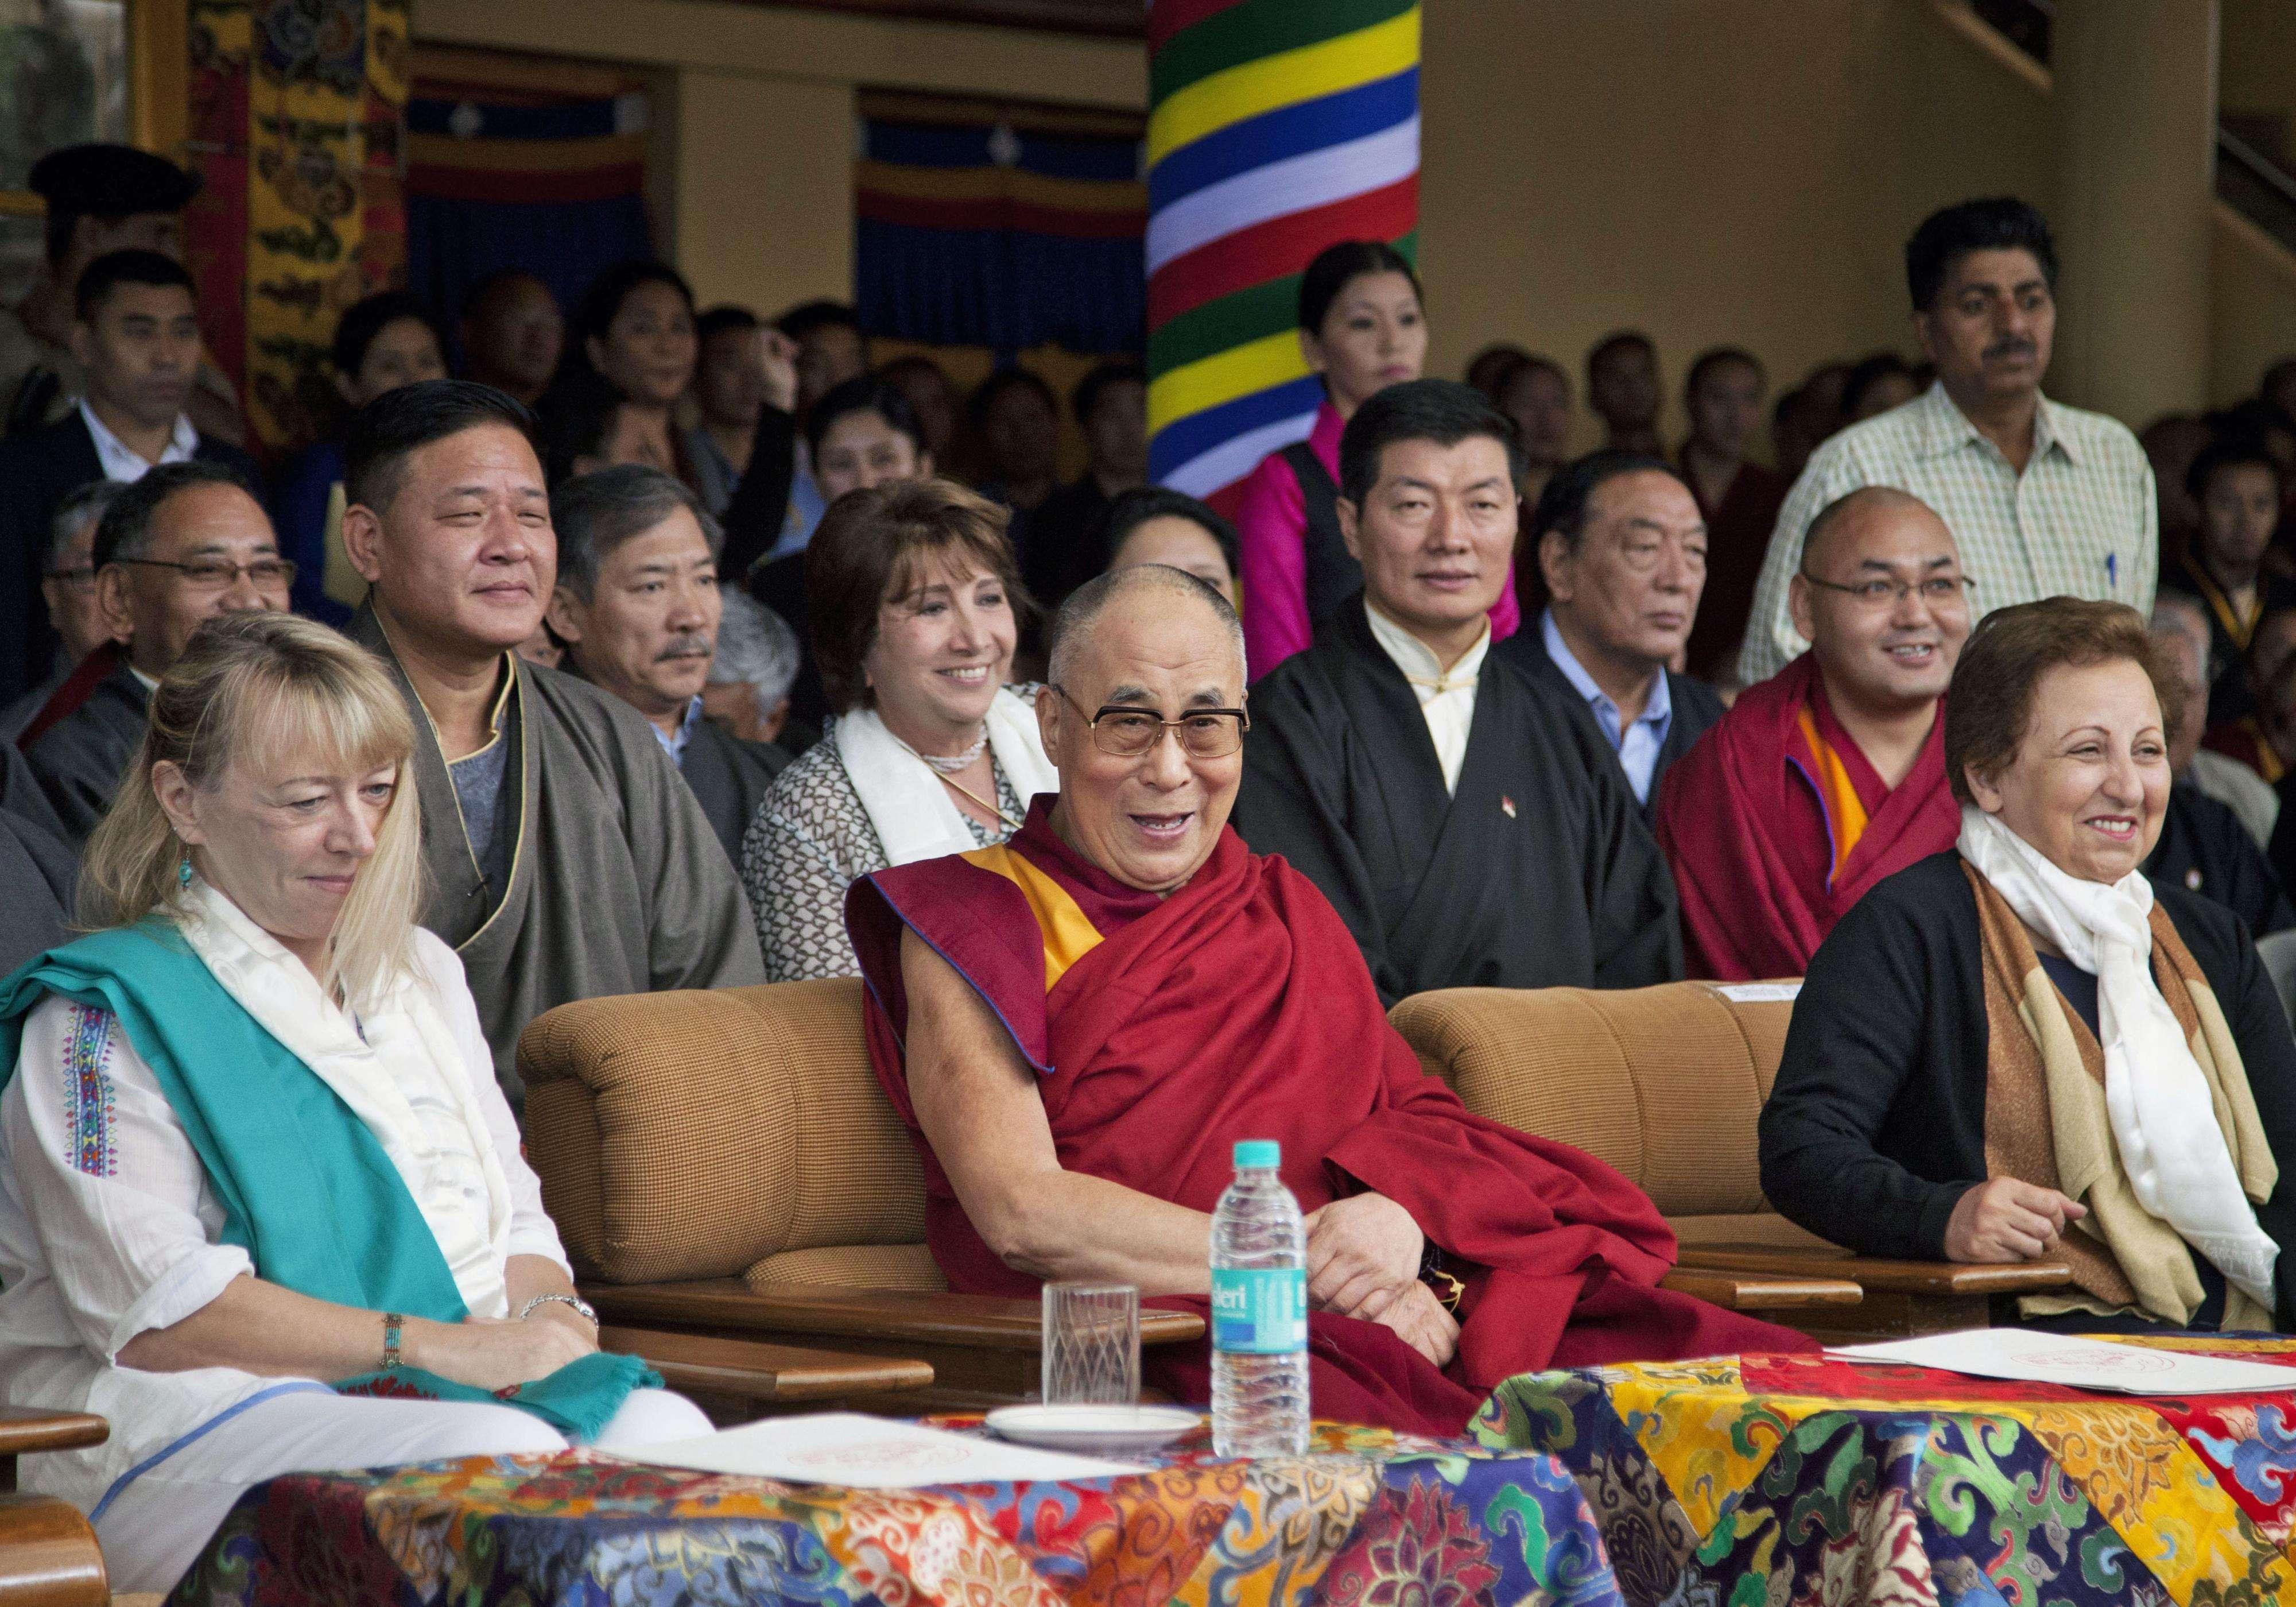 El Dalai Lama vive exiliado en la India desde 1959 y es un símbolo mundial de la resistencia contra el régimen chino. Foto: AP en español